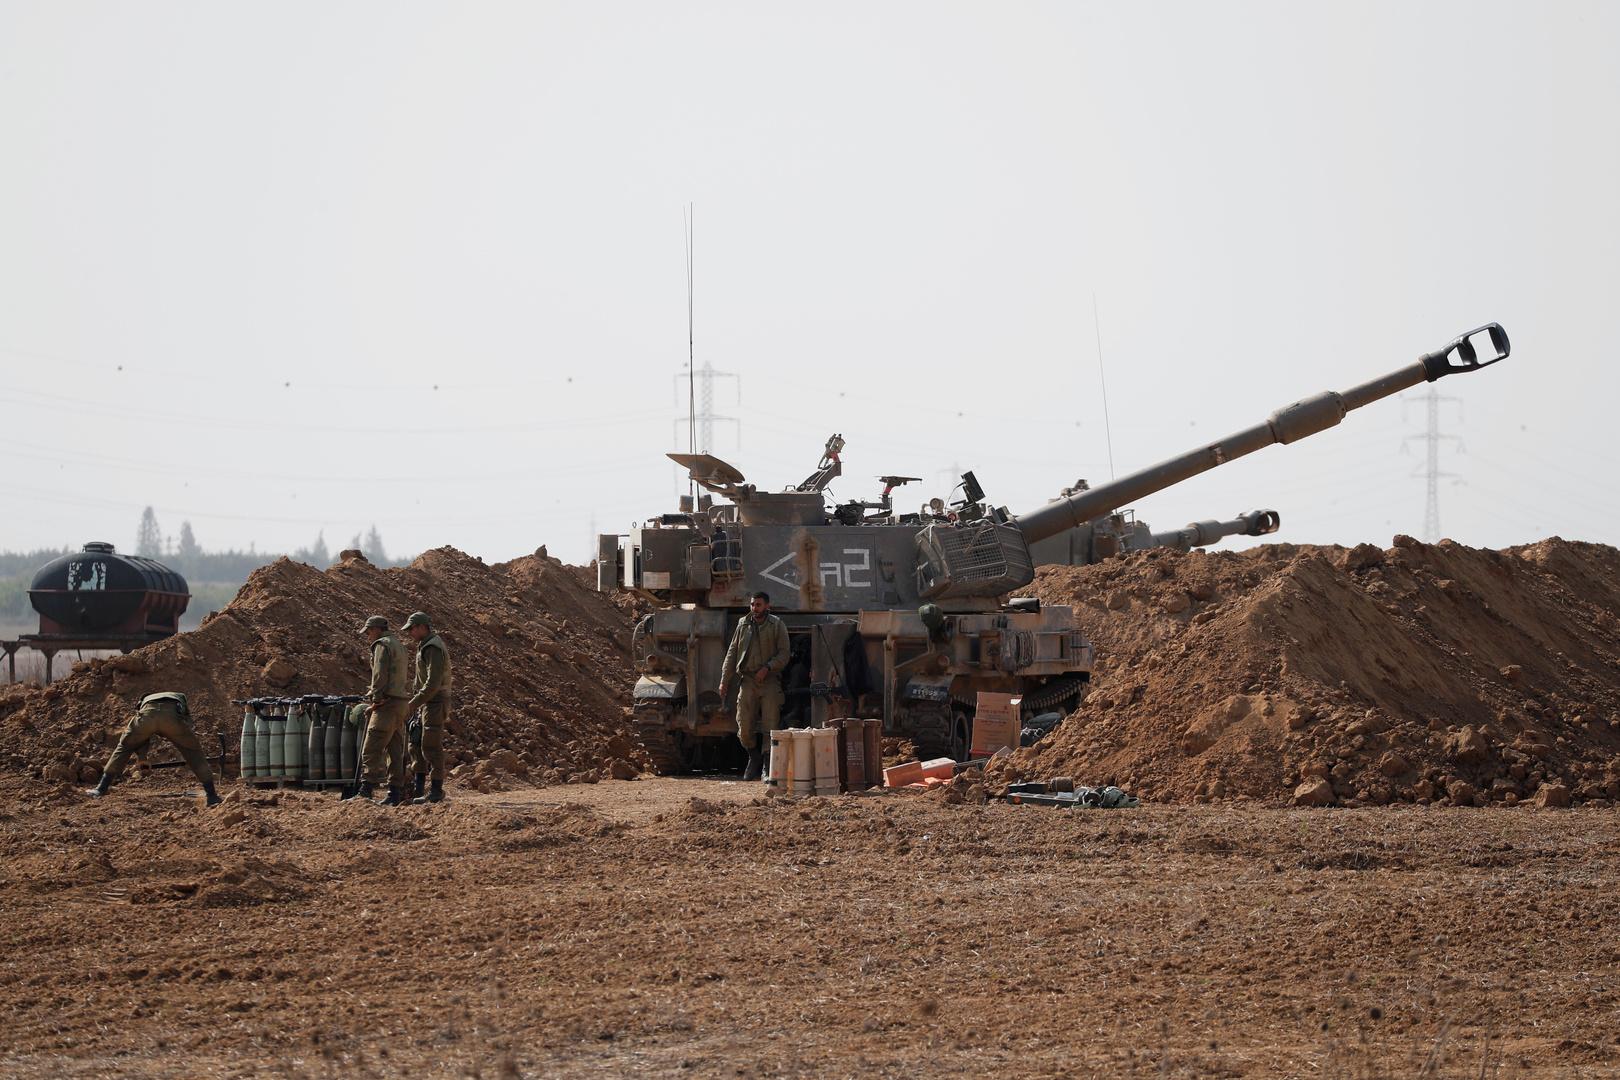 المدفعية الإسرائيلية تقصف مواقع في قطاع غزة